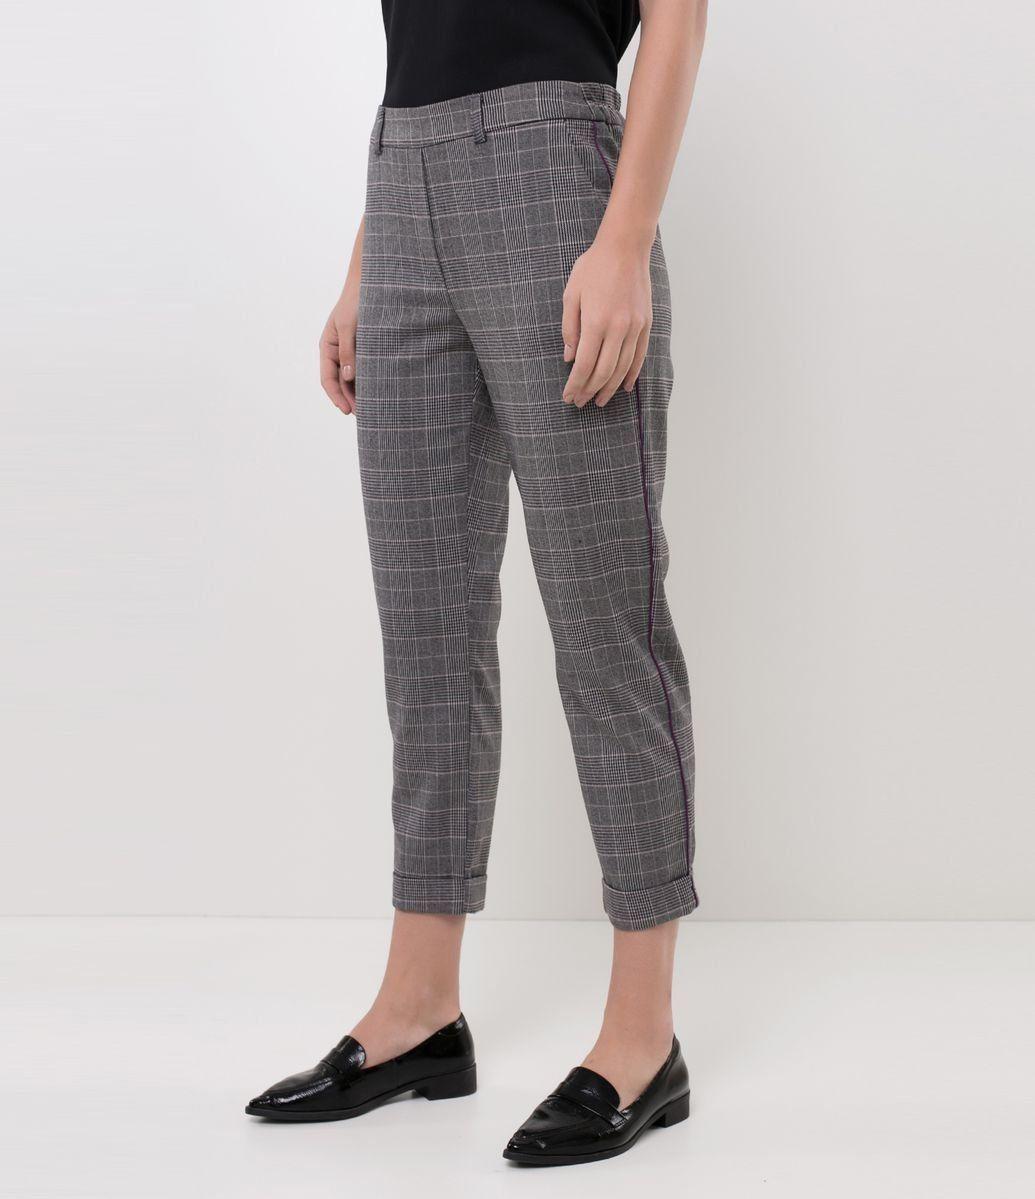 Calça Feminina Xadrez Alfaiataria Preta | Modelos de calças